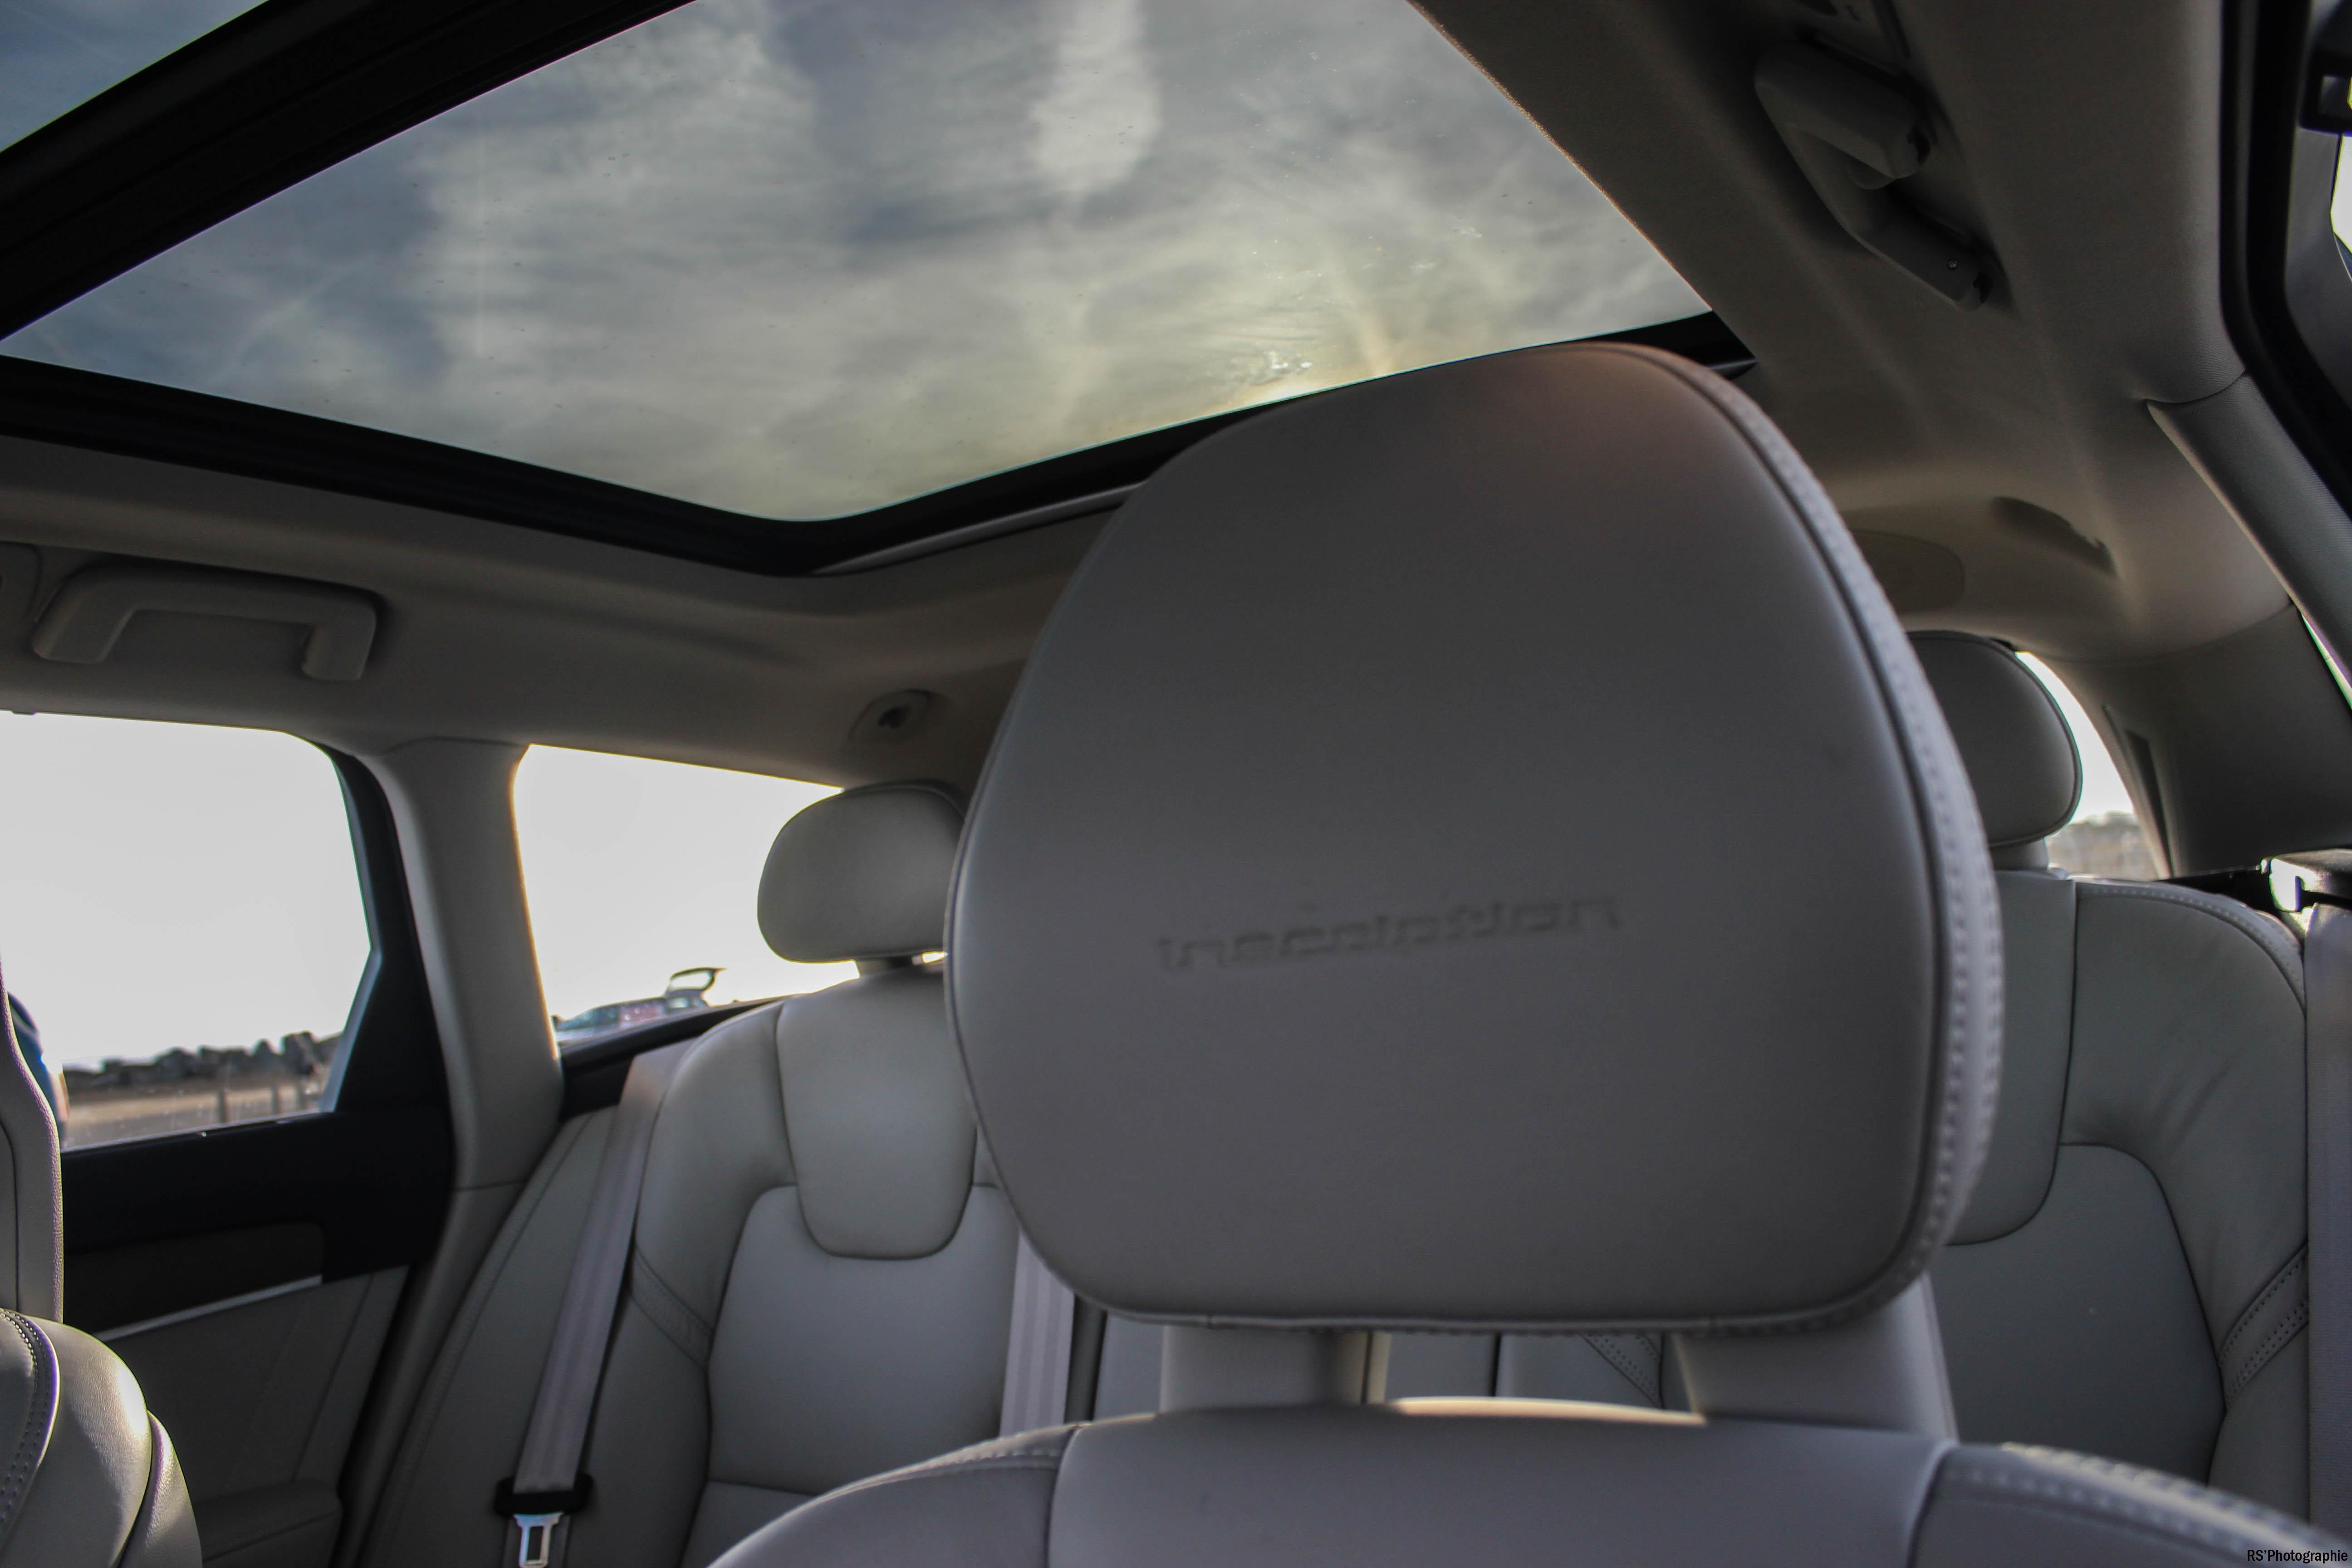 VolvoV9035-volvo-v90-d5-intérieur-onboard-arnaud-demasier-RSPhotographie